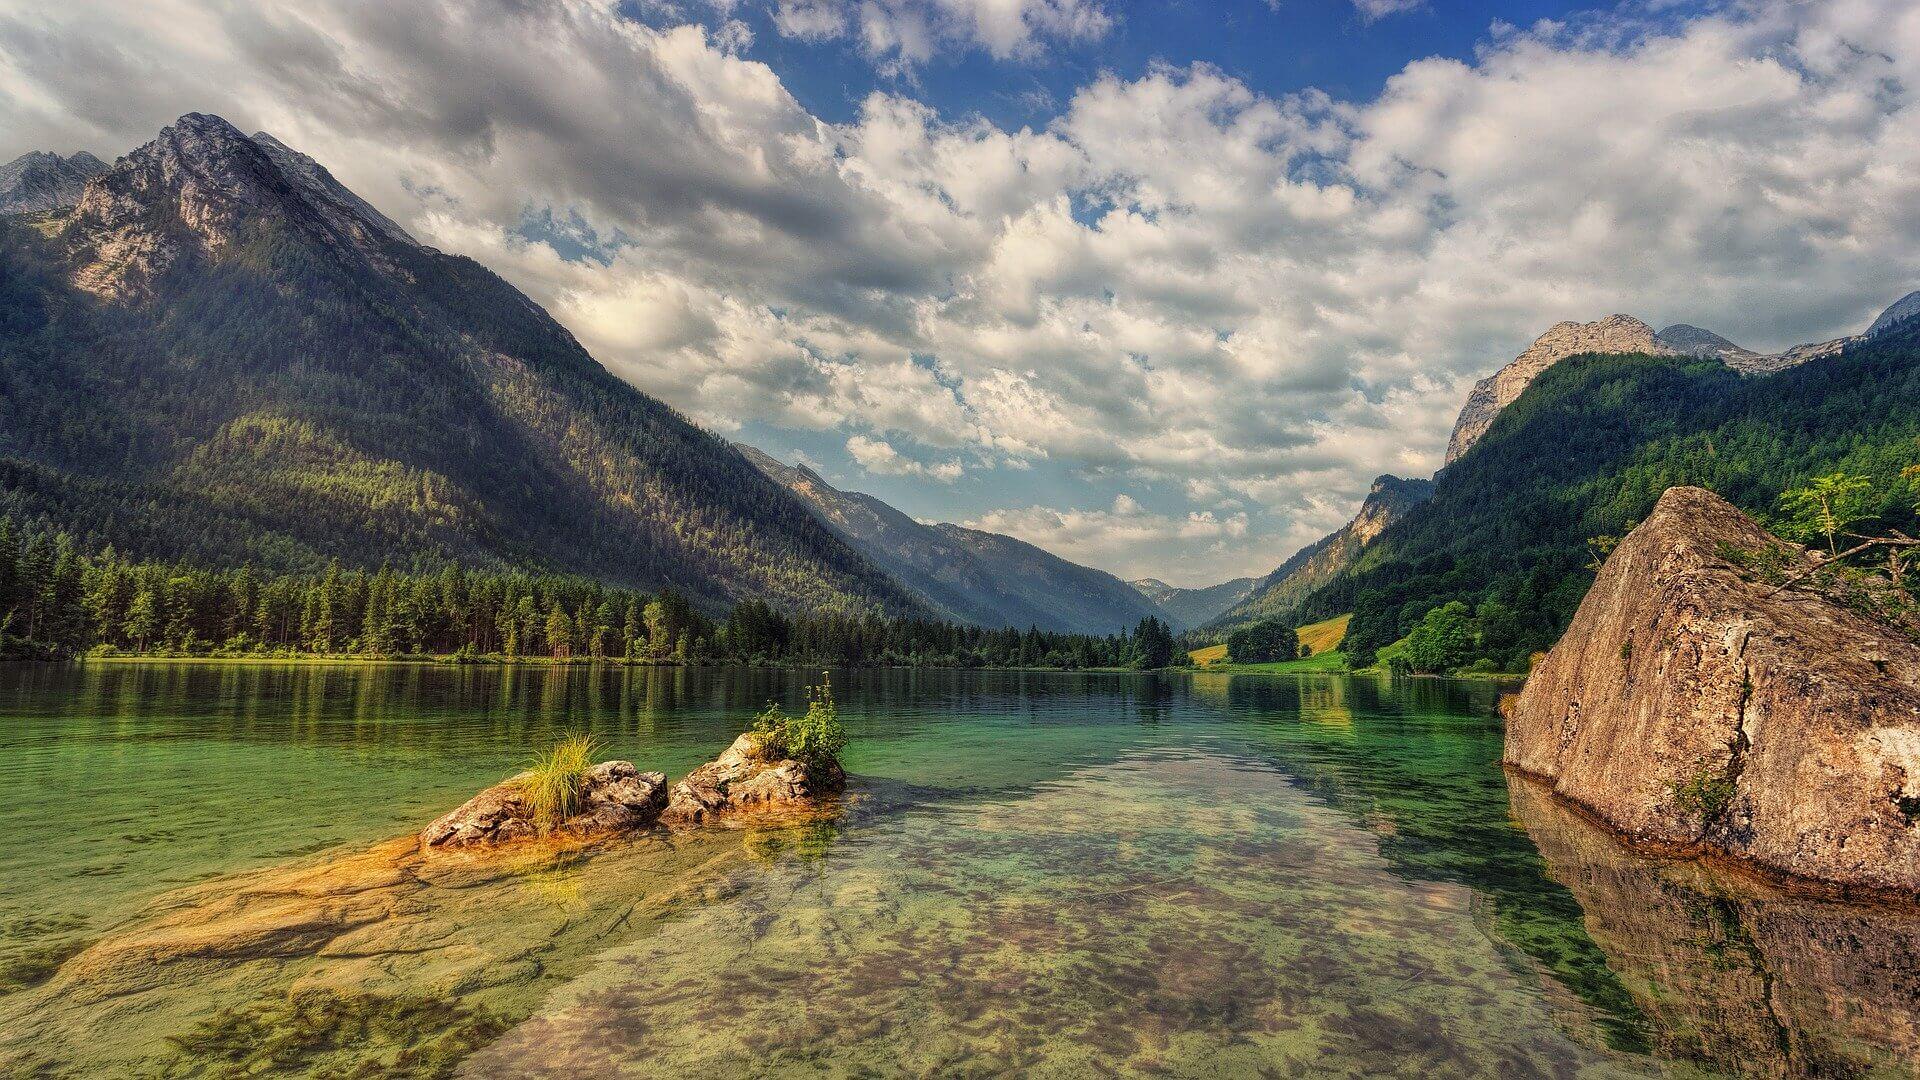 Ausflugsziele Bayern Sehenswürdigkeiten Bayern Tagesausflug Bayern